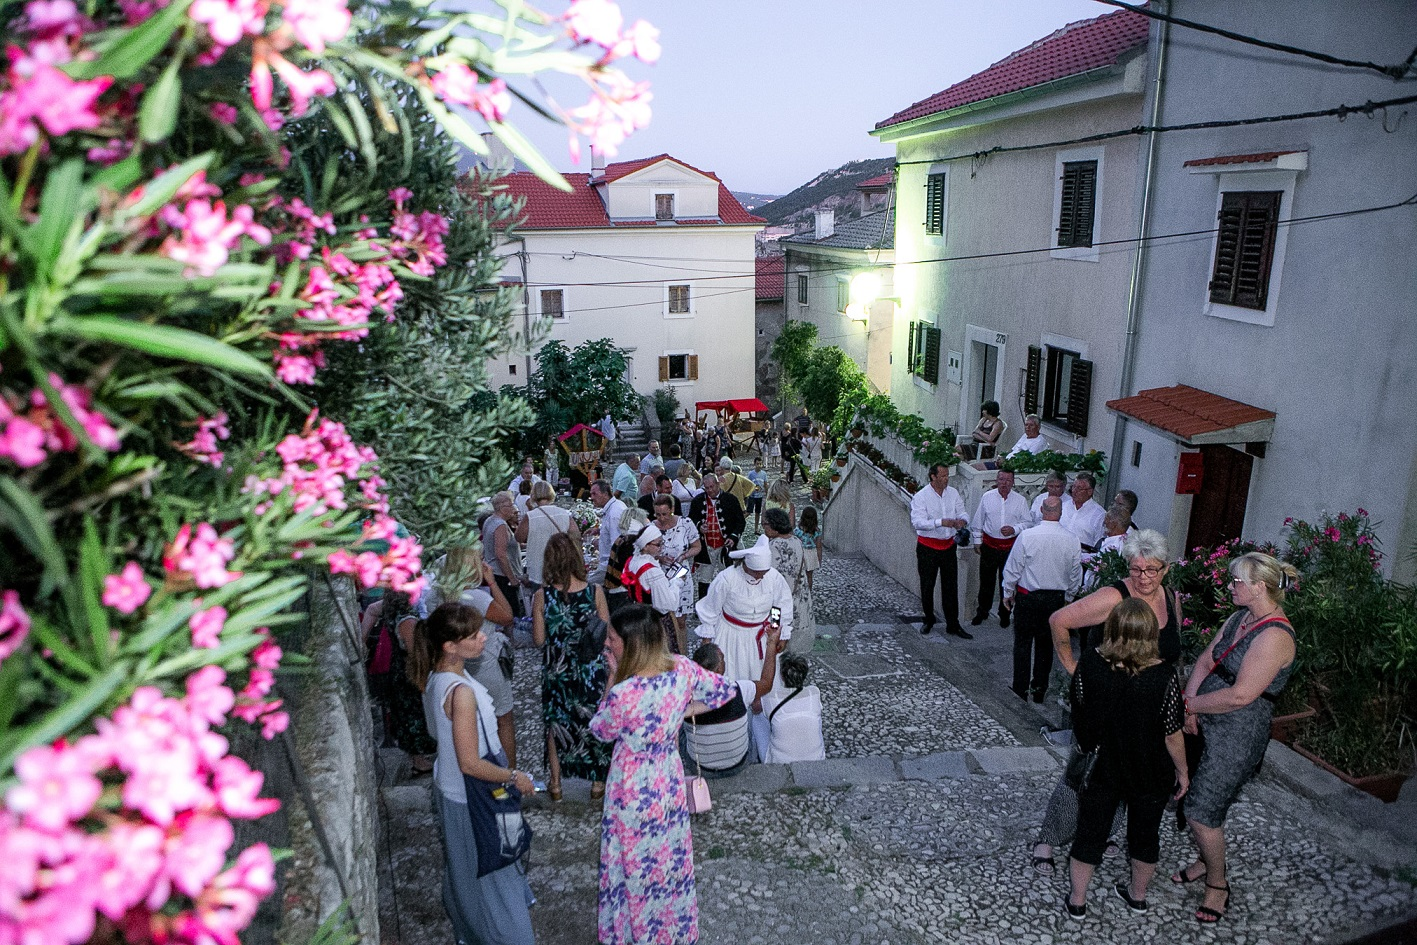 """Direktorica TZ Bakar Sonja Jelušić Marić: """"Najviše me veseli suradnja s ljudima, koji čine ovaj posao jednim od najljepših na svijetu!"""""""